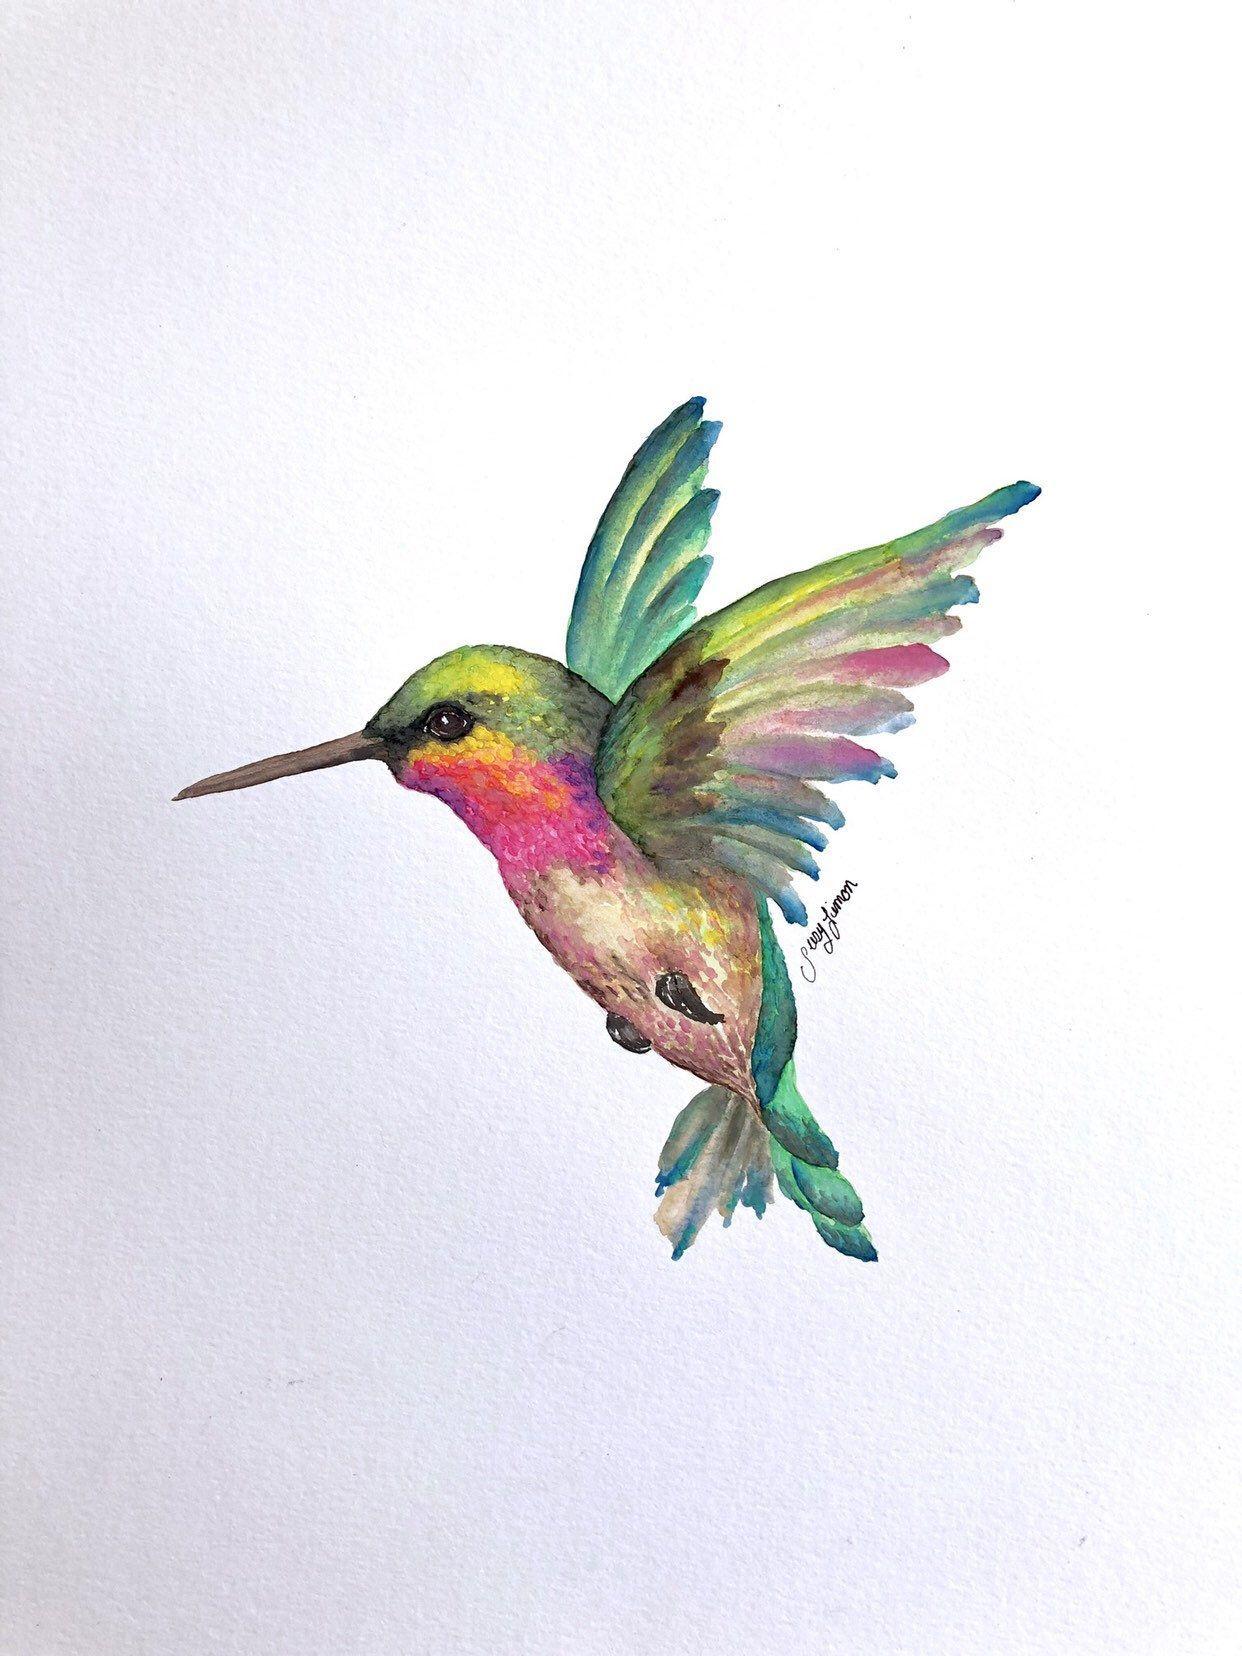 Pin Von Hendrien Emmers Auf Drawing In 2020 Kolibri Malerei